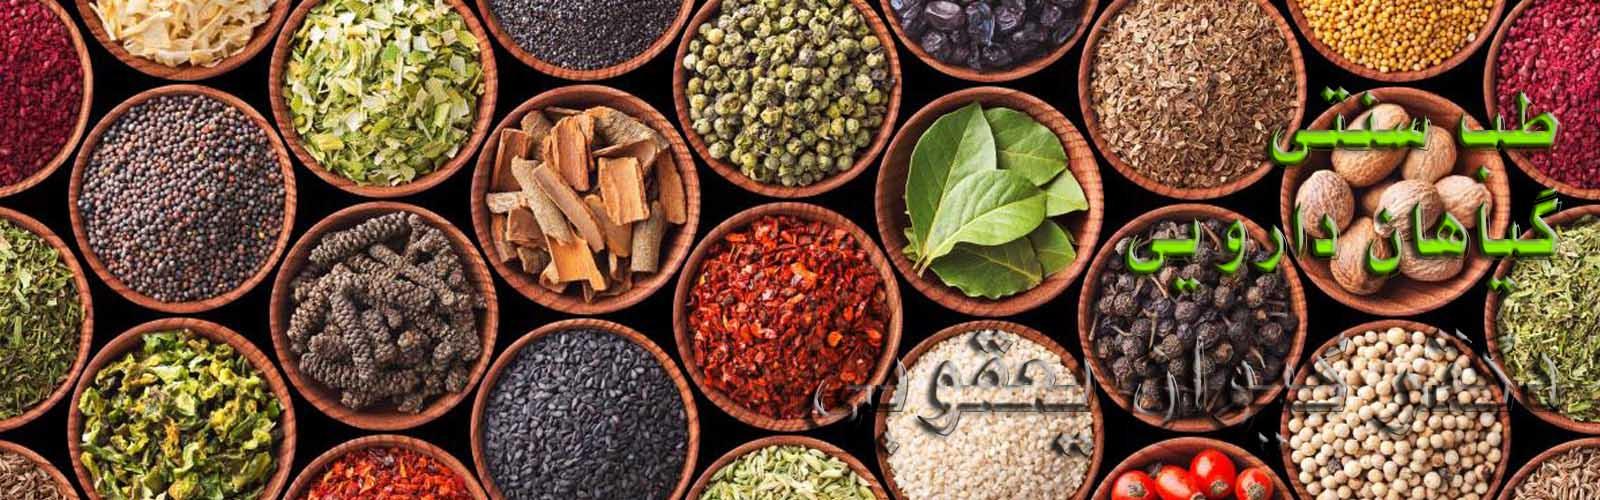 گیاهان دارویی طب سنتی زالو درمانی حجامت طب سوزنی دکتر یعقوبی